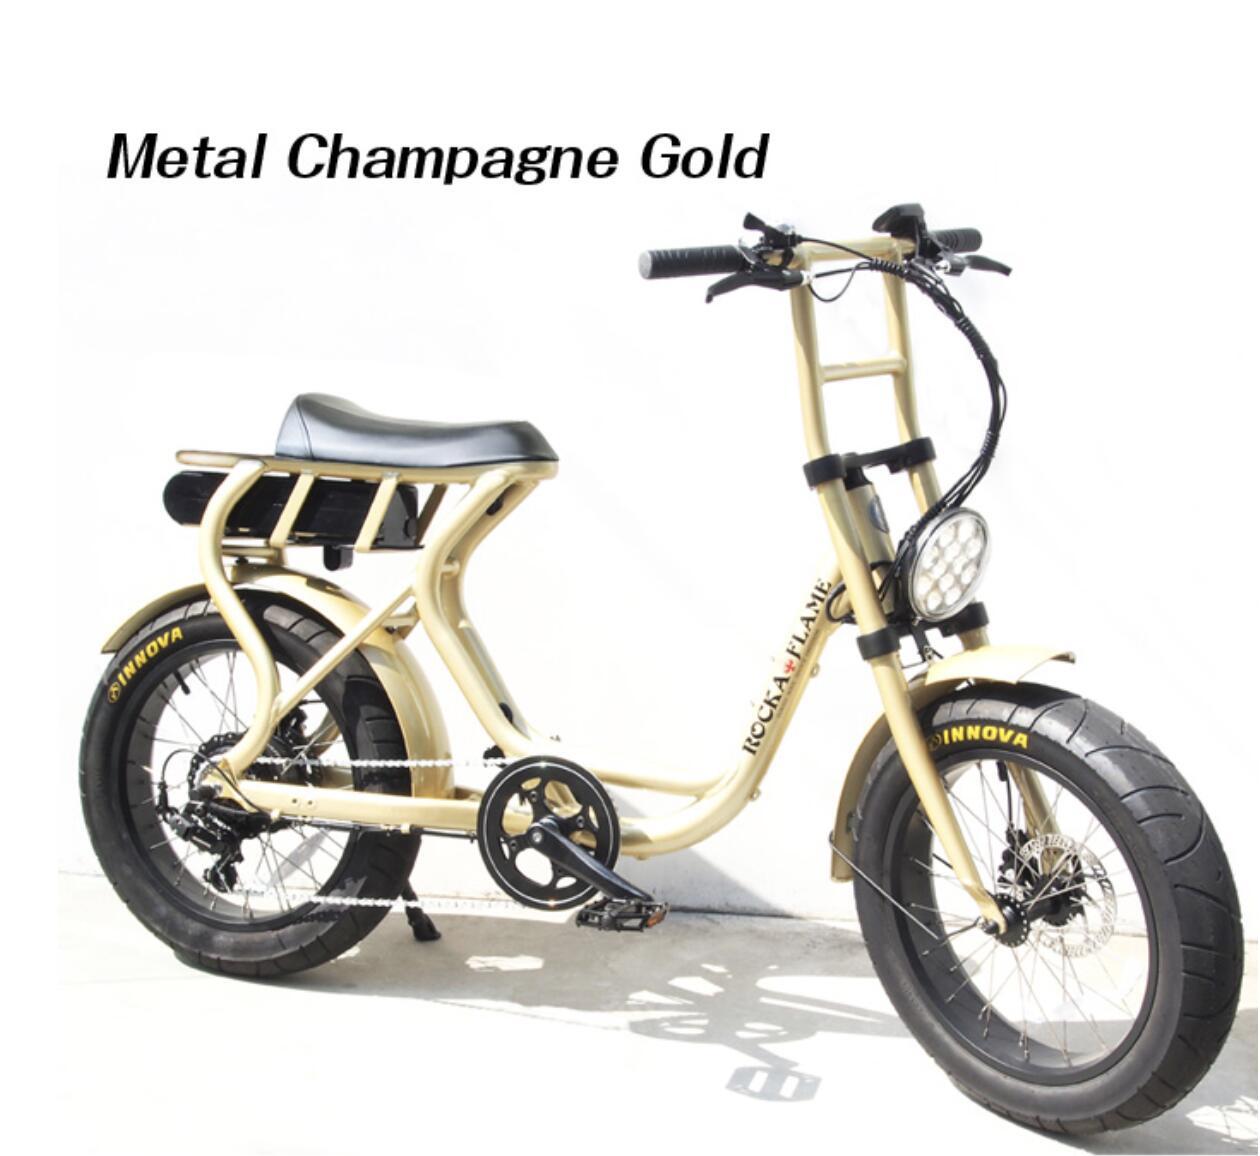 電動アシスト付き自転車 e-BIKE ROCKA FLAME FUMA 1907BGR02TB メタルシャンパンゴールド【自転車 バイク 電動アシスト付き自転車 イーバイク シンプル おしゃれ】